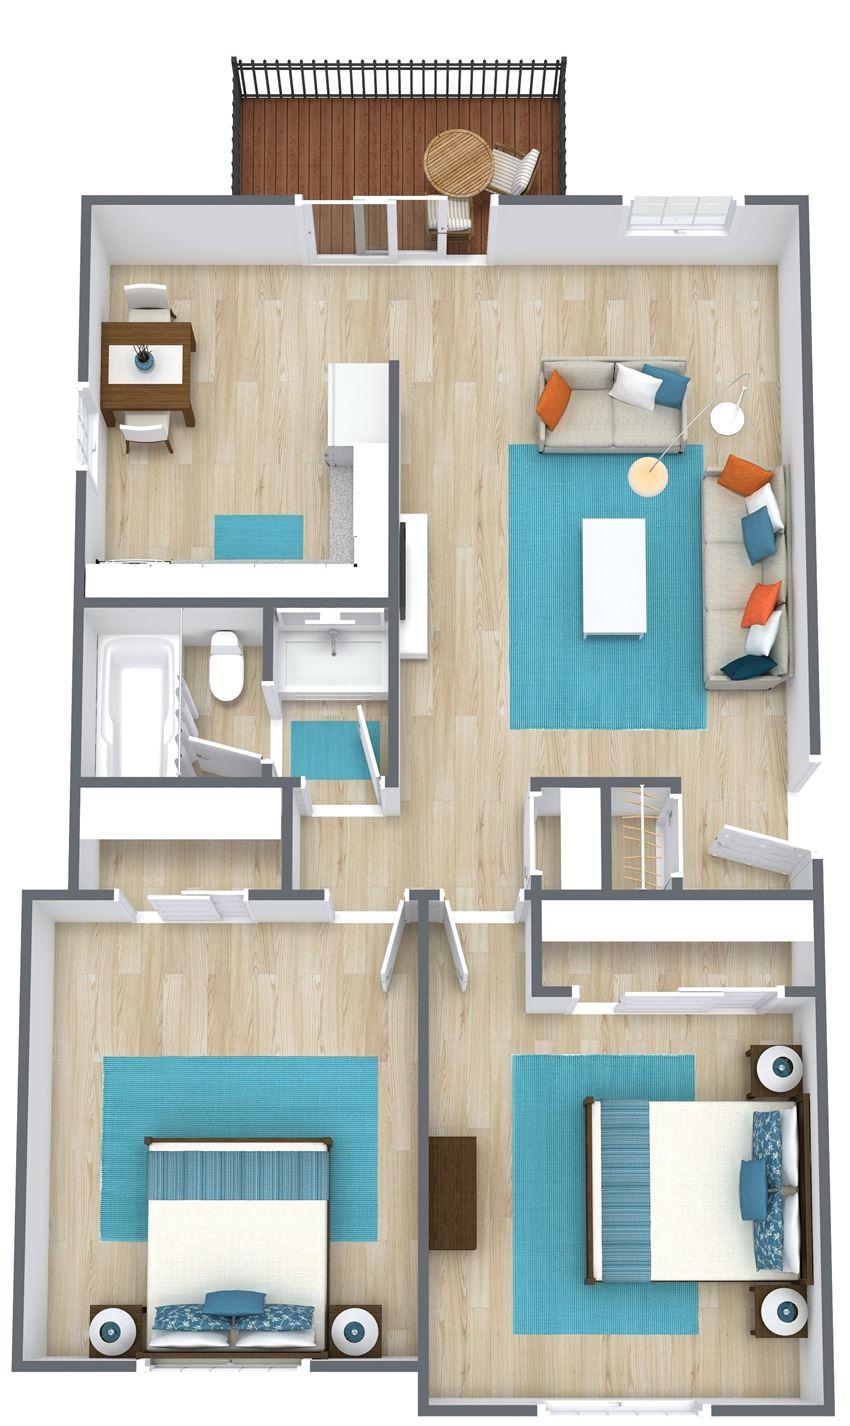 3d image of 2 bedroom floor plan